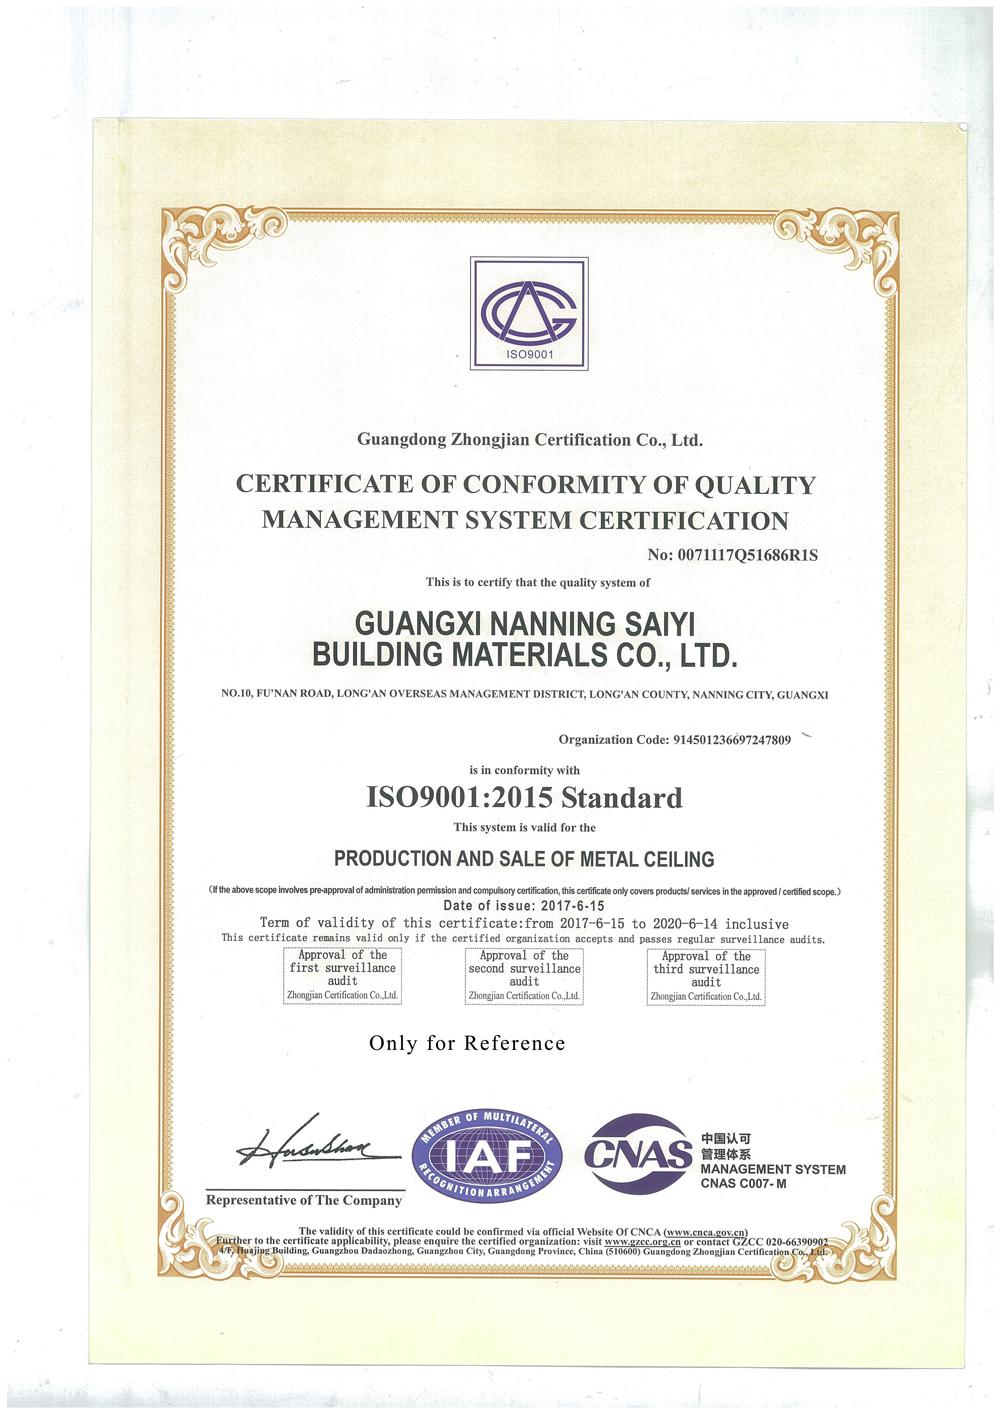 ISO9001-2015Certificate-11.jpg